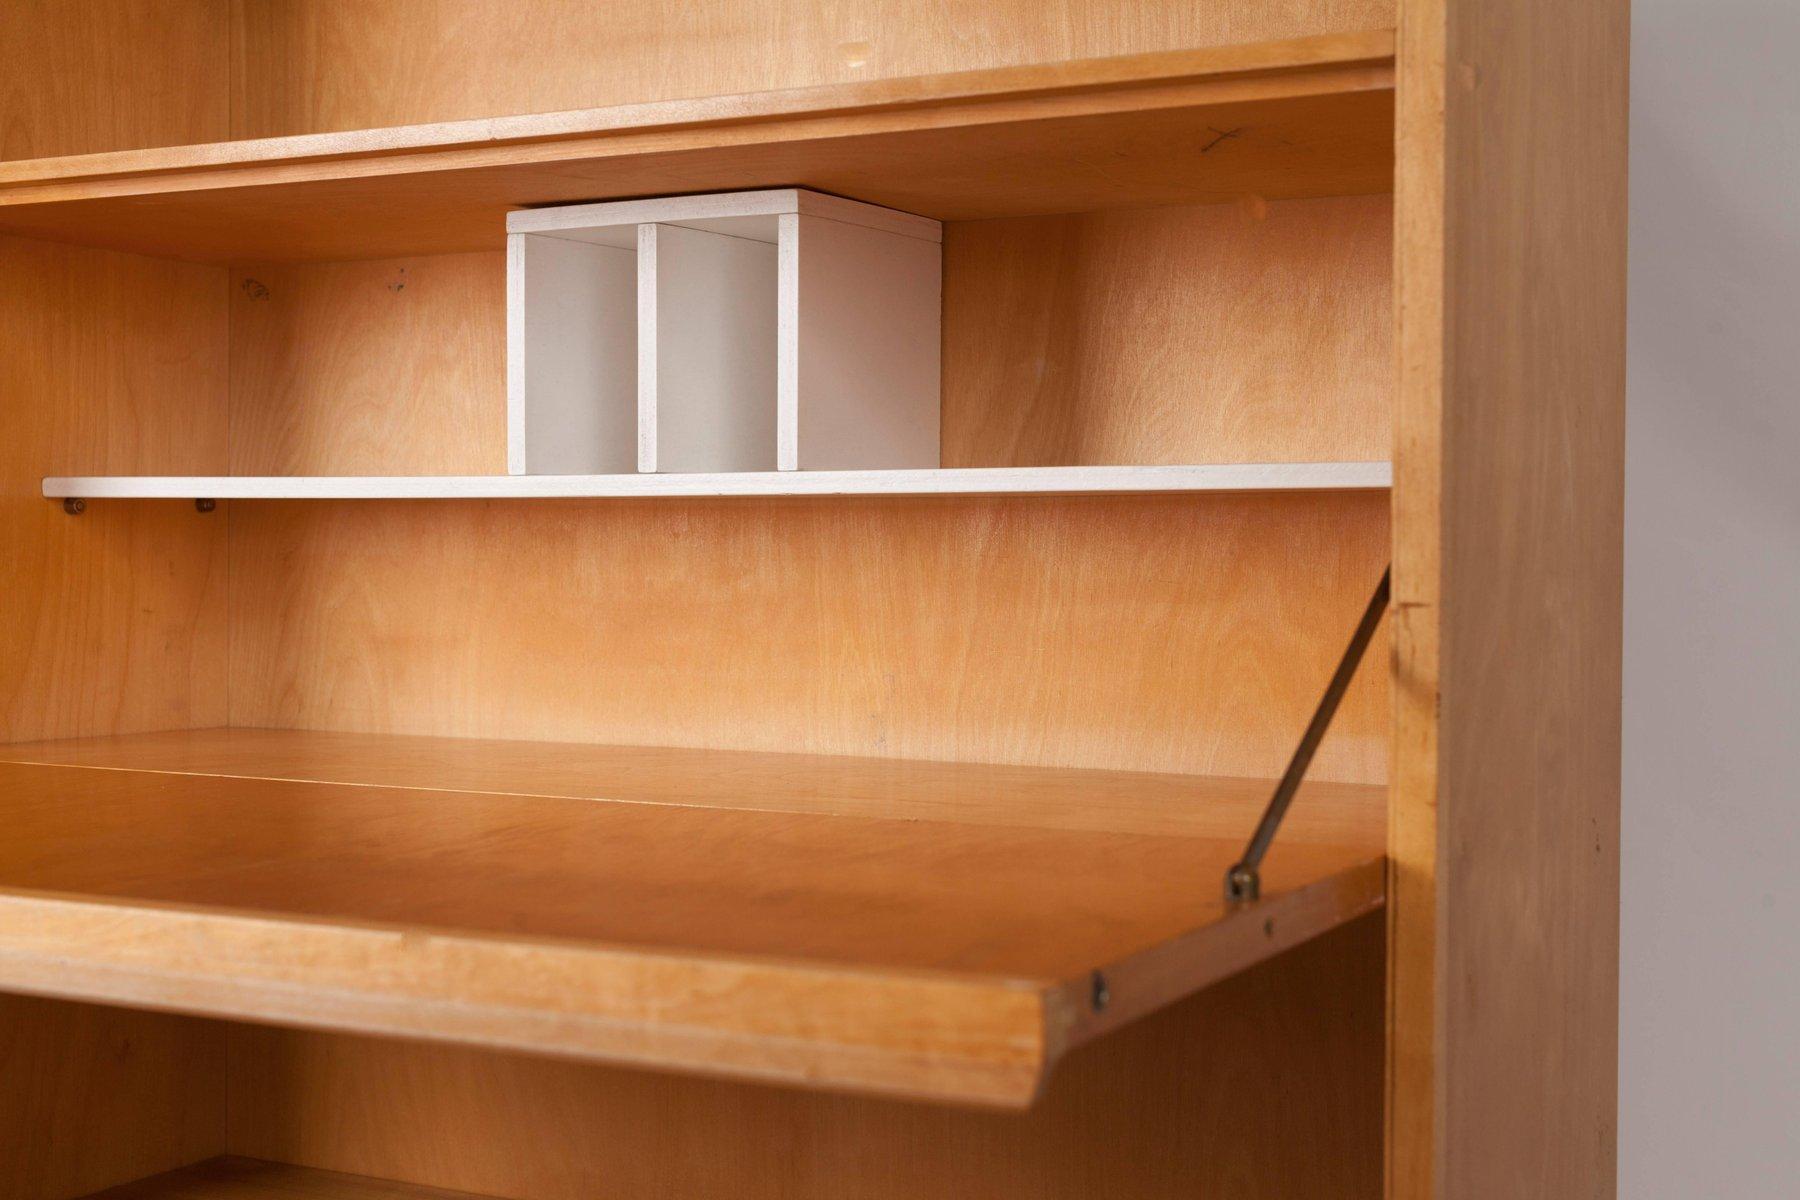 Großartig Bücherregal Mit Schreibtisch Foto Von Bücherregal Oder Von Cees Braakman Für Pastoe,